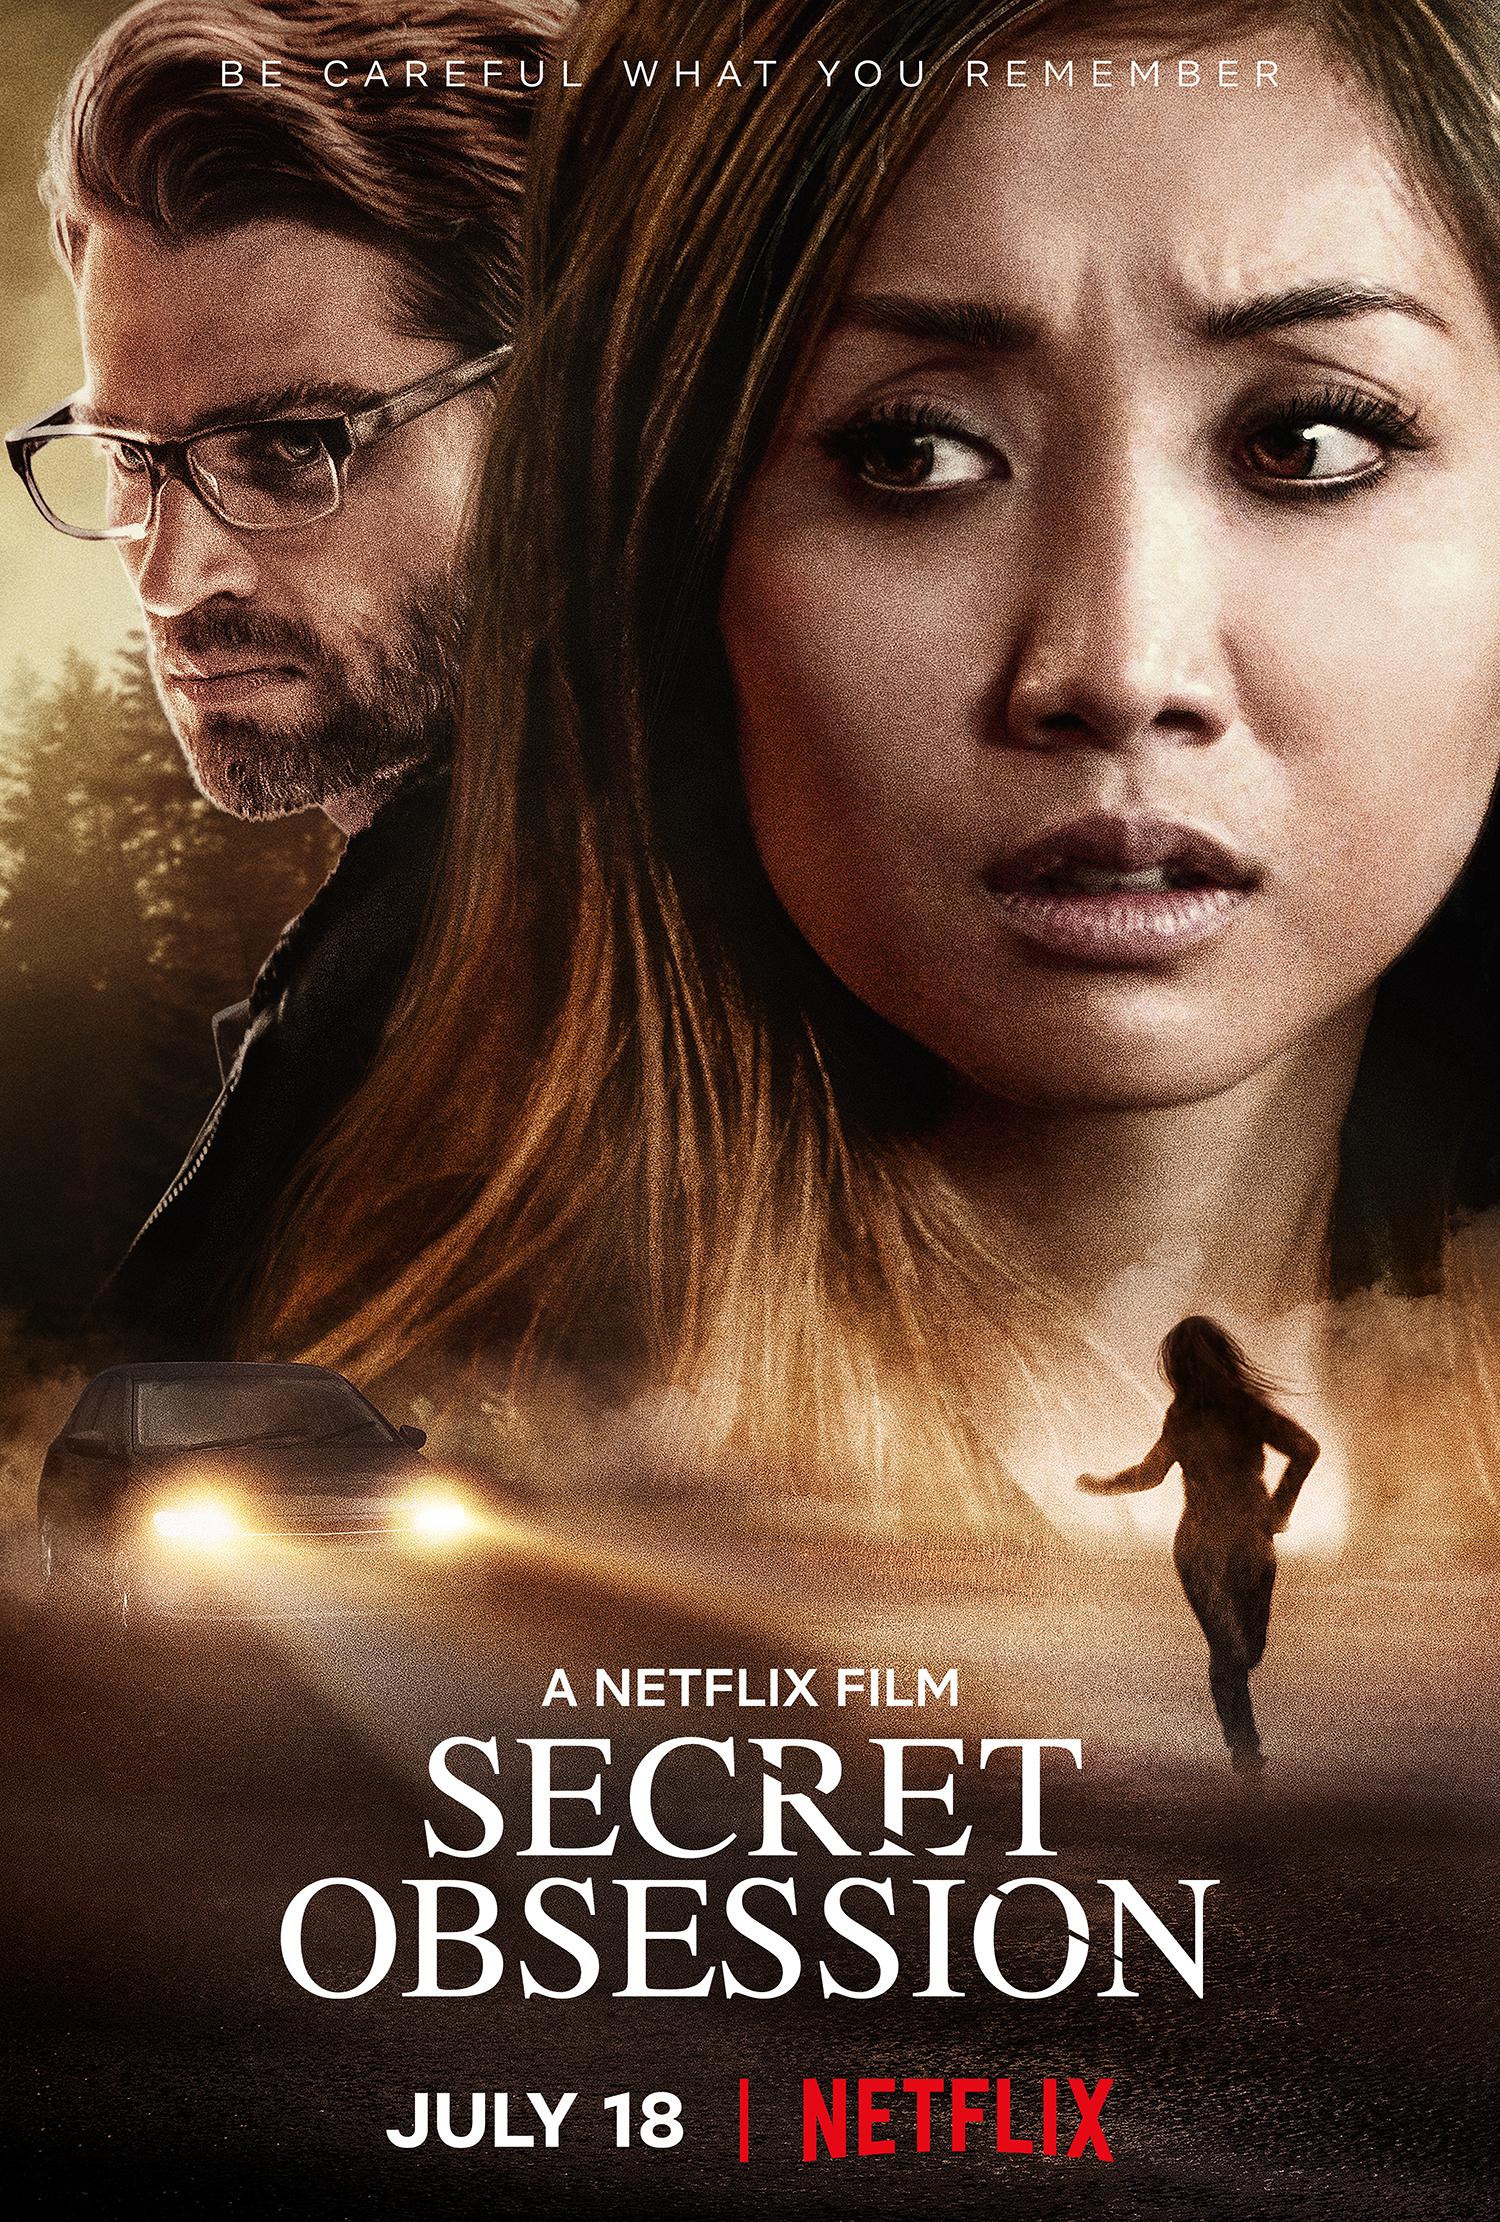 Secret Obsession poster.jpg